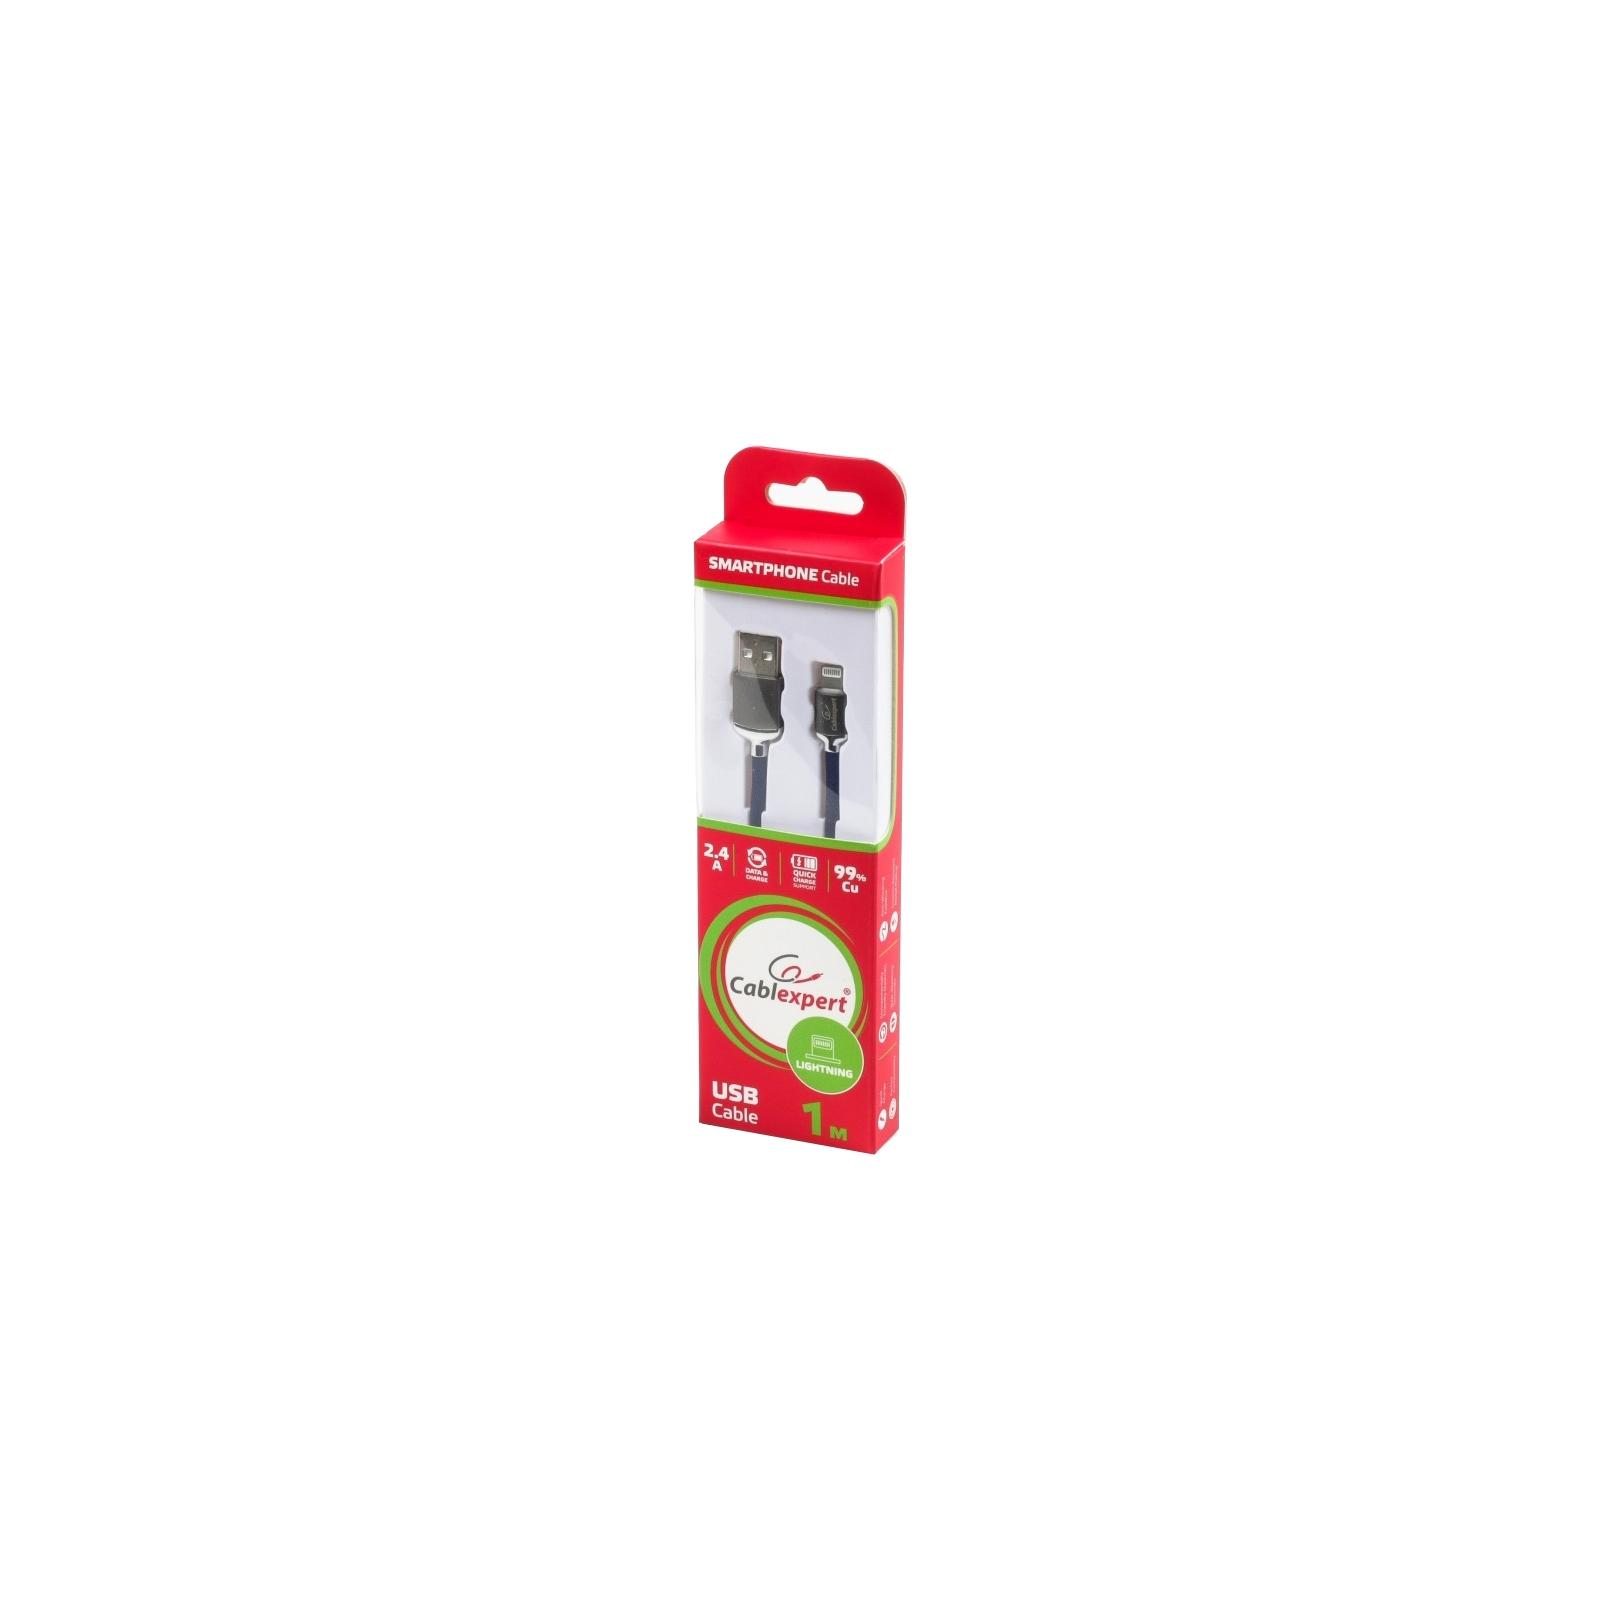 Дата кабель USB 2.0 AM to Lightning 1.0m Cablexpert (CCPB-L-USB-07B) изображение 3